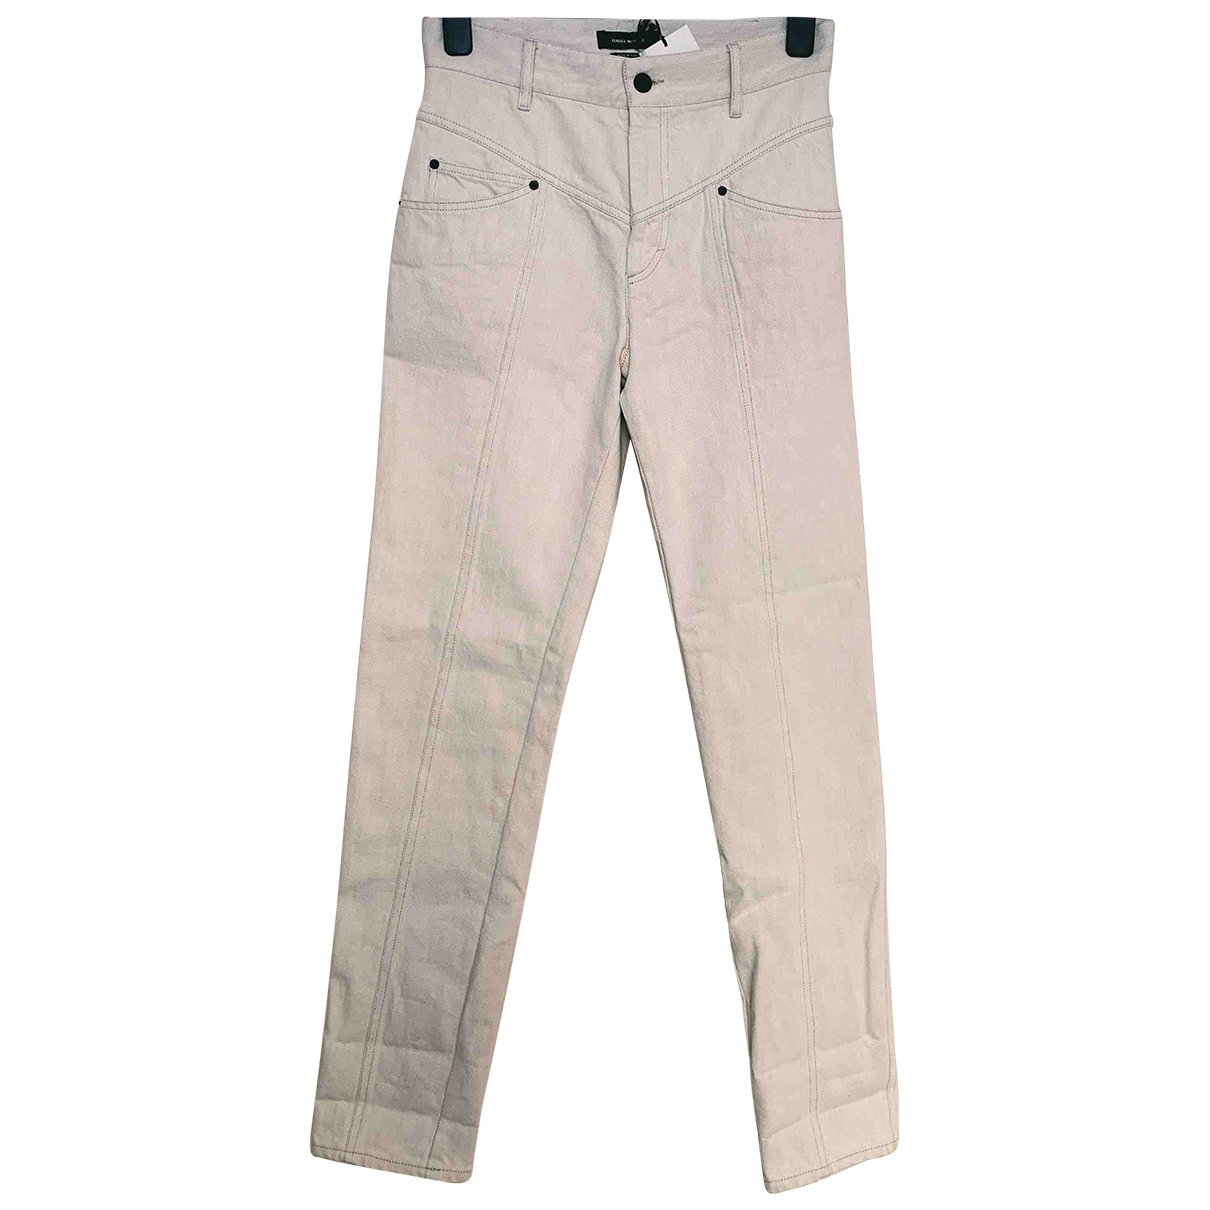 Isabel Marant \N White Denim - Jeans Jeans for Women 38 FR